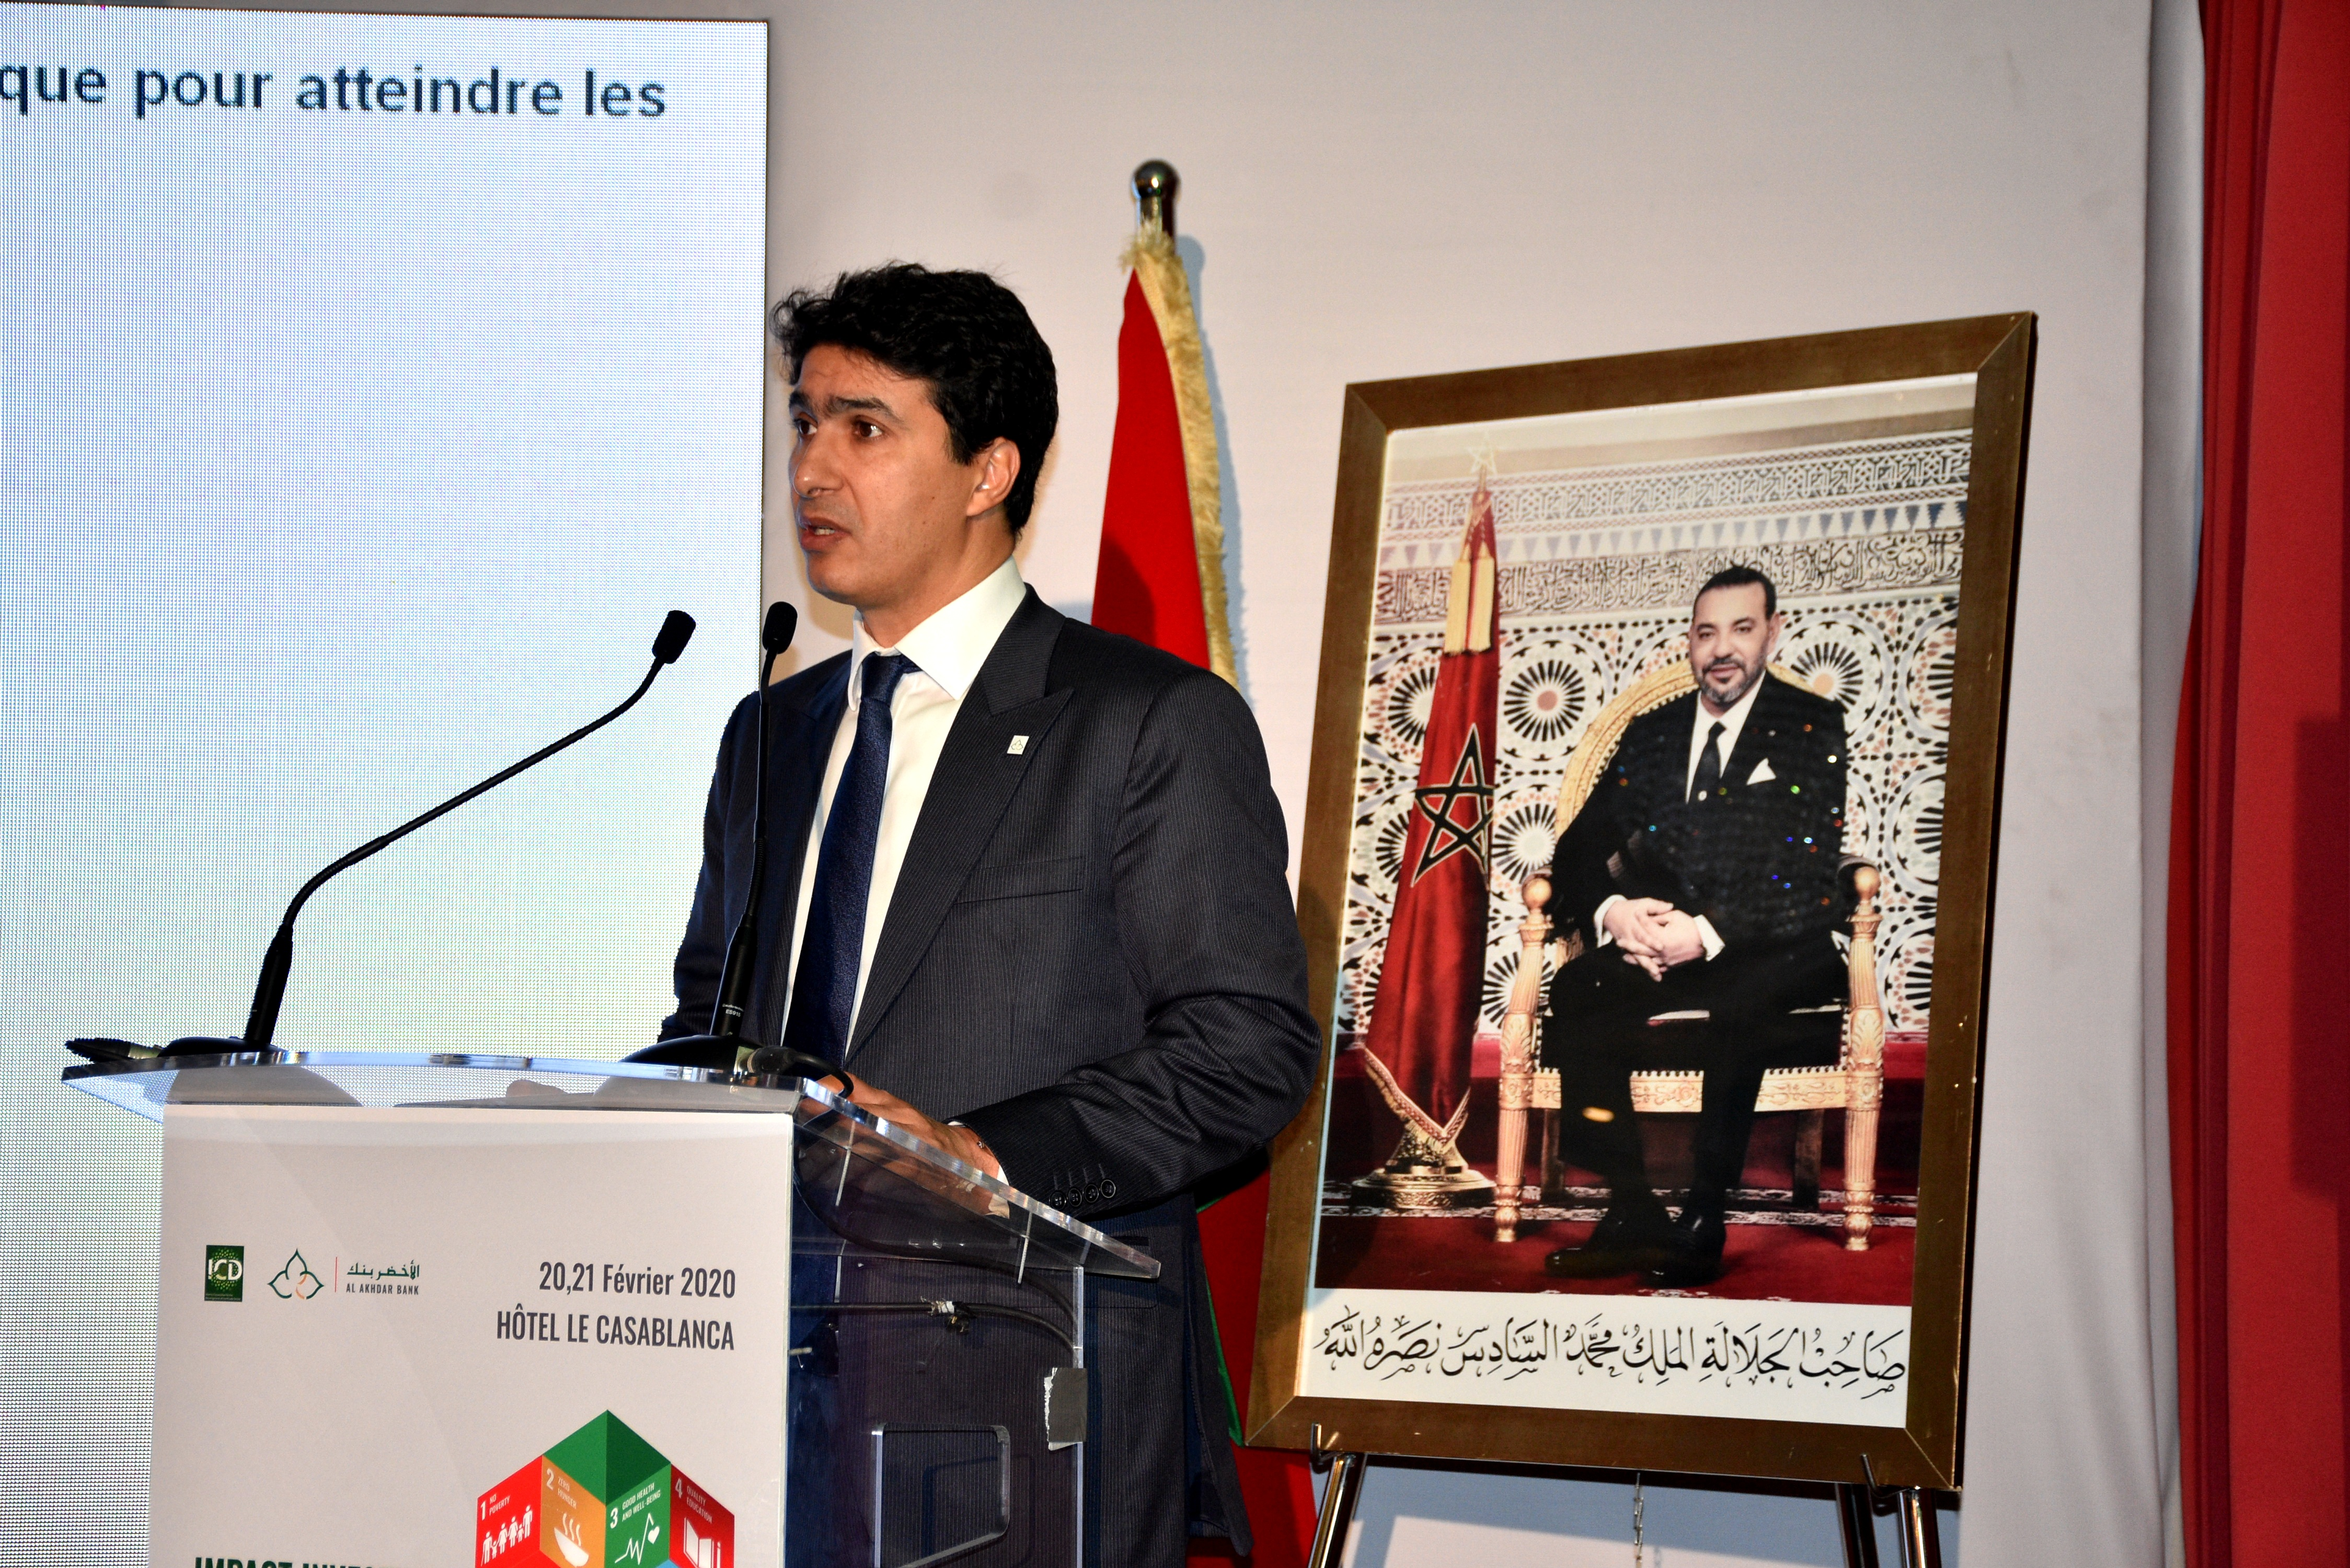 لقاء من تنظيم المؤسسة الإسلامية لتنمية القطاع الخاص والأخضر بنك يناقش تأثير التمويل التشاركي على أهداف التنمية المستدامة